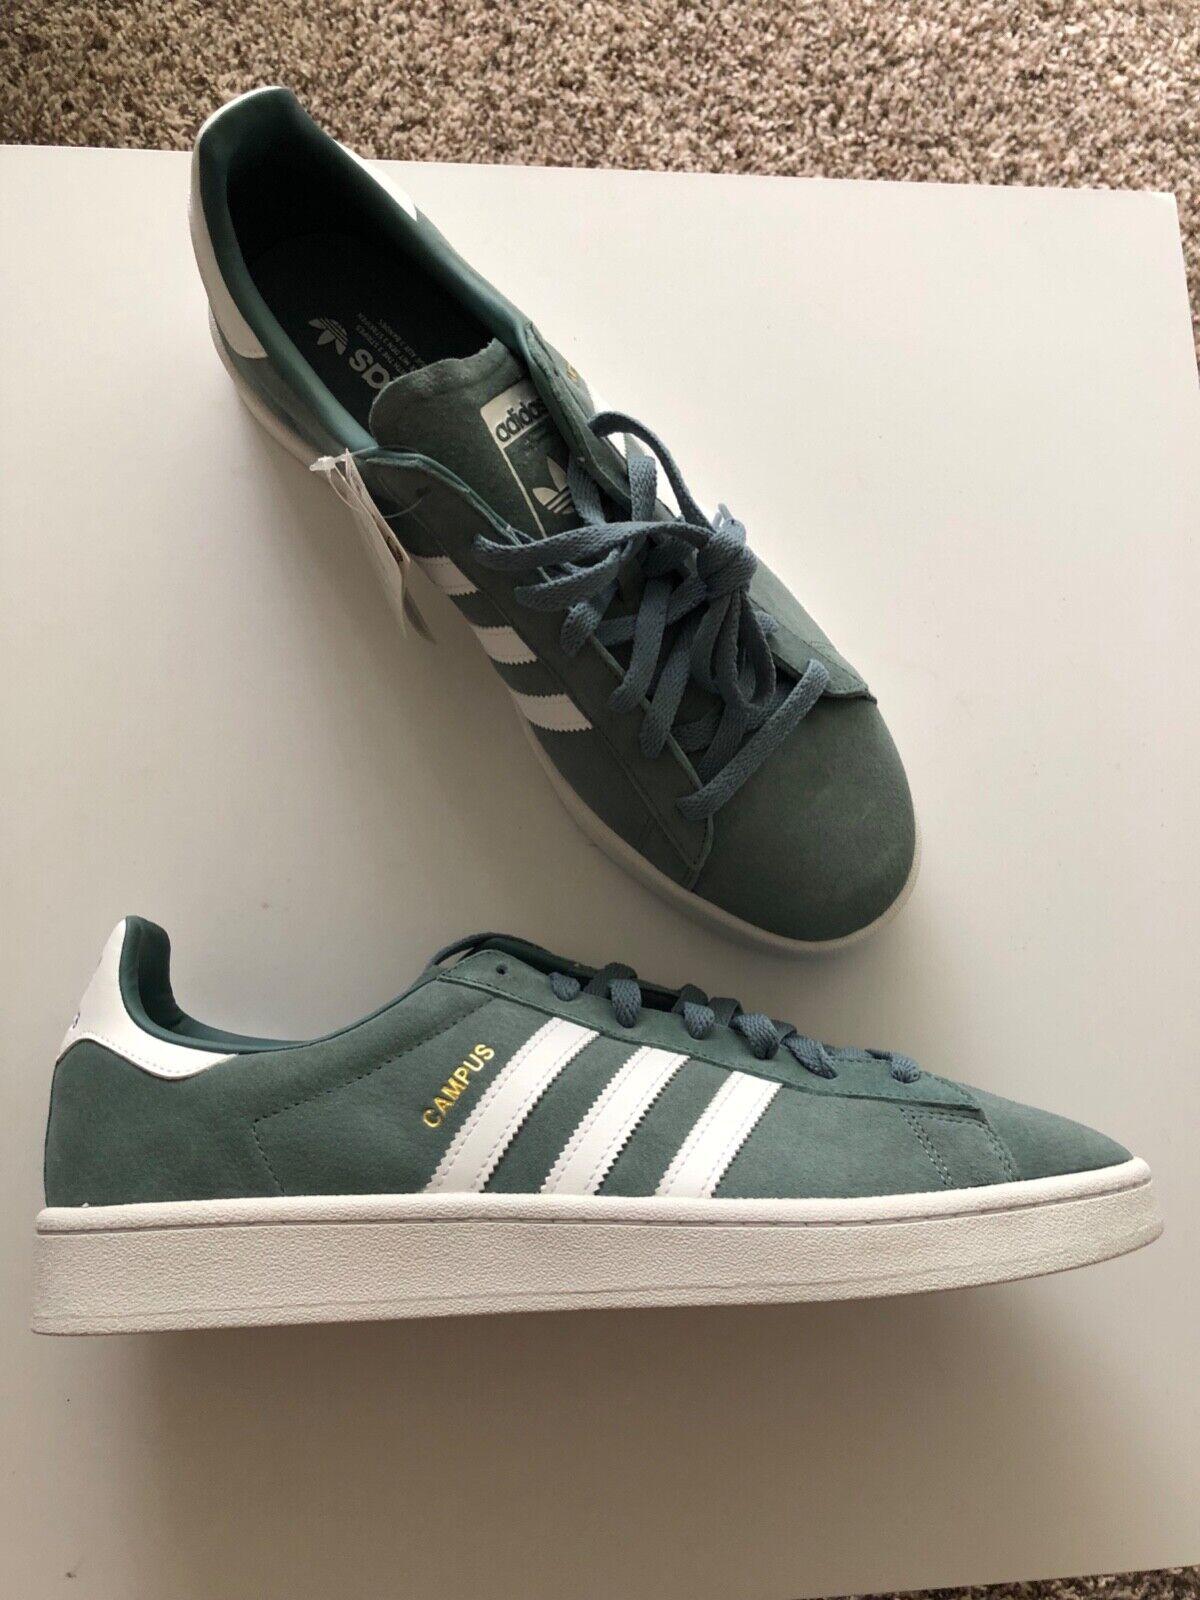 Adidas Originals Mens Campus Sneakers (US 13 Mint Green)